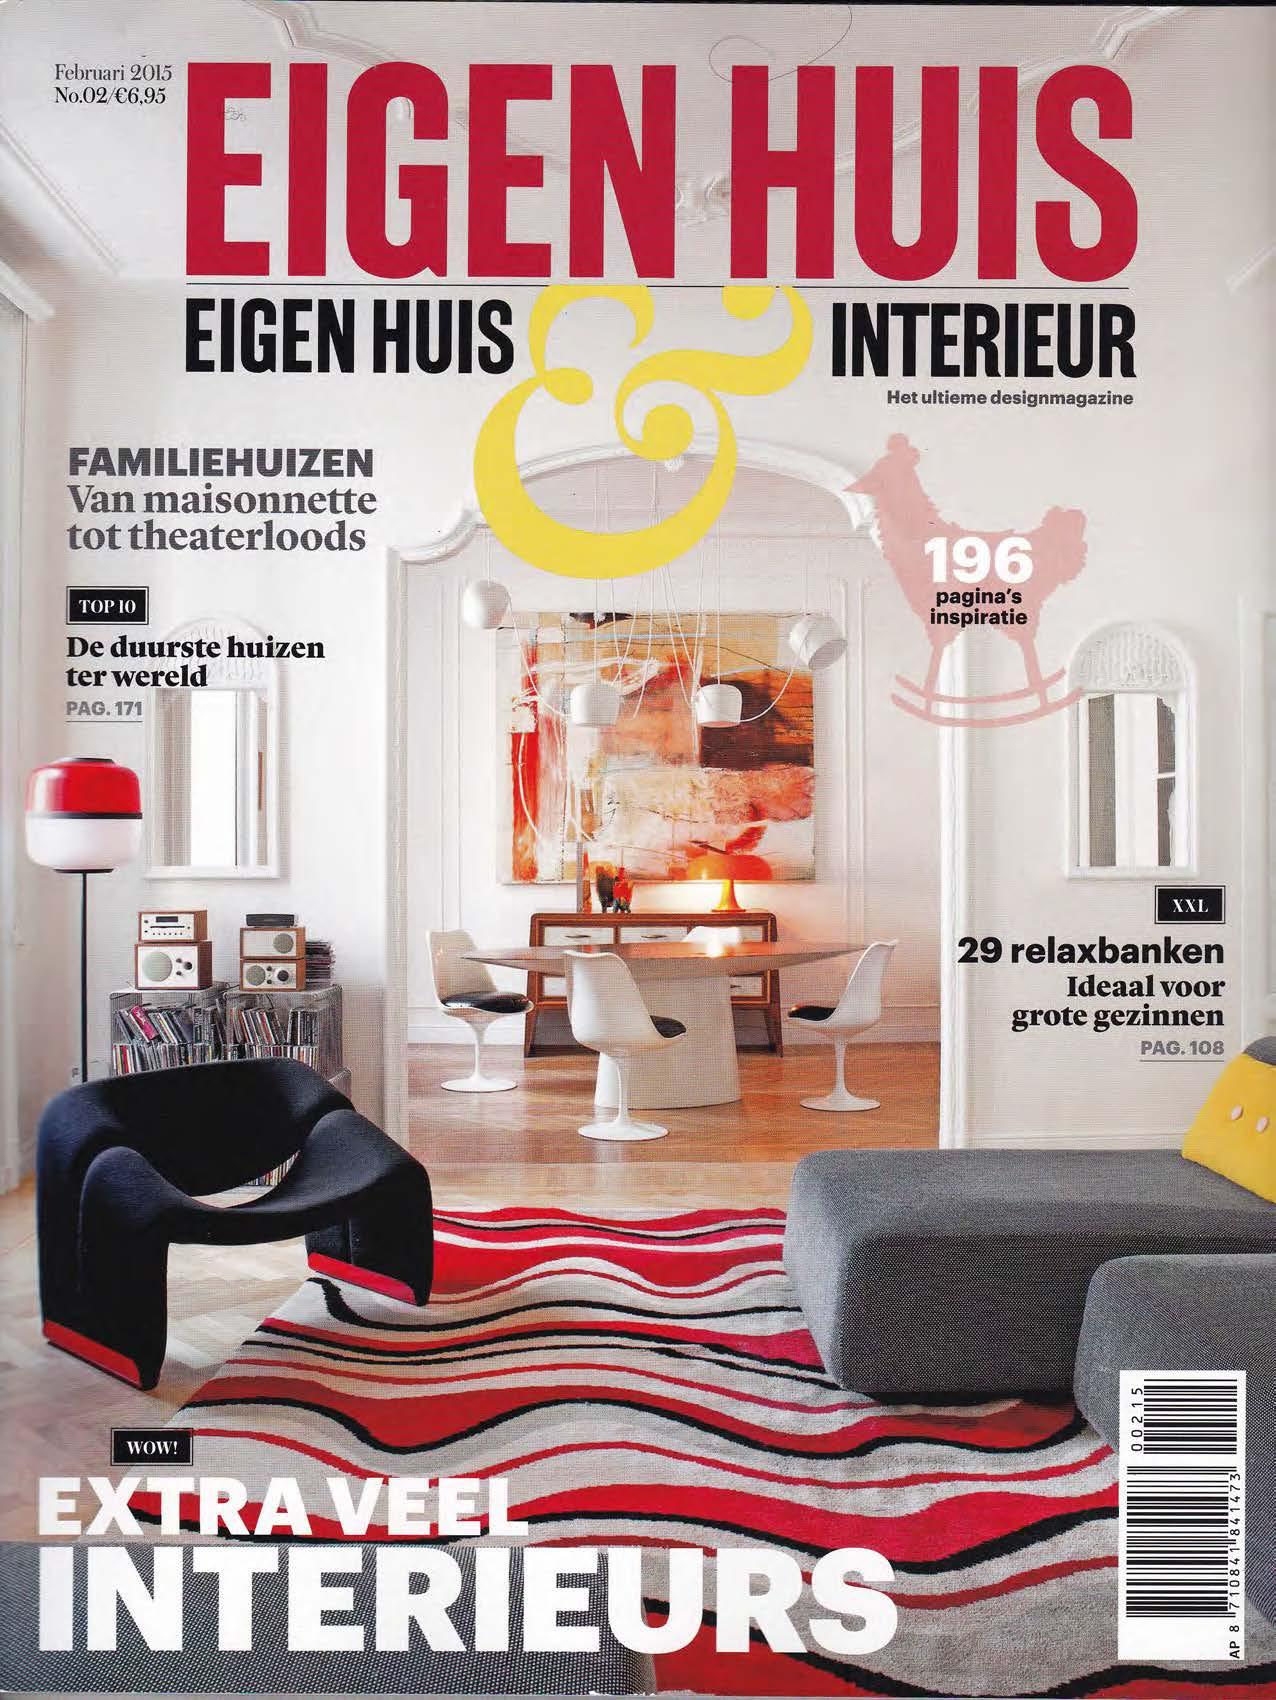 Suite wood eigen huis interieur feb 2015 for Eigenhuis interieur